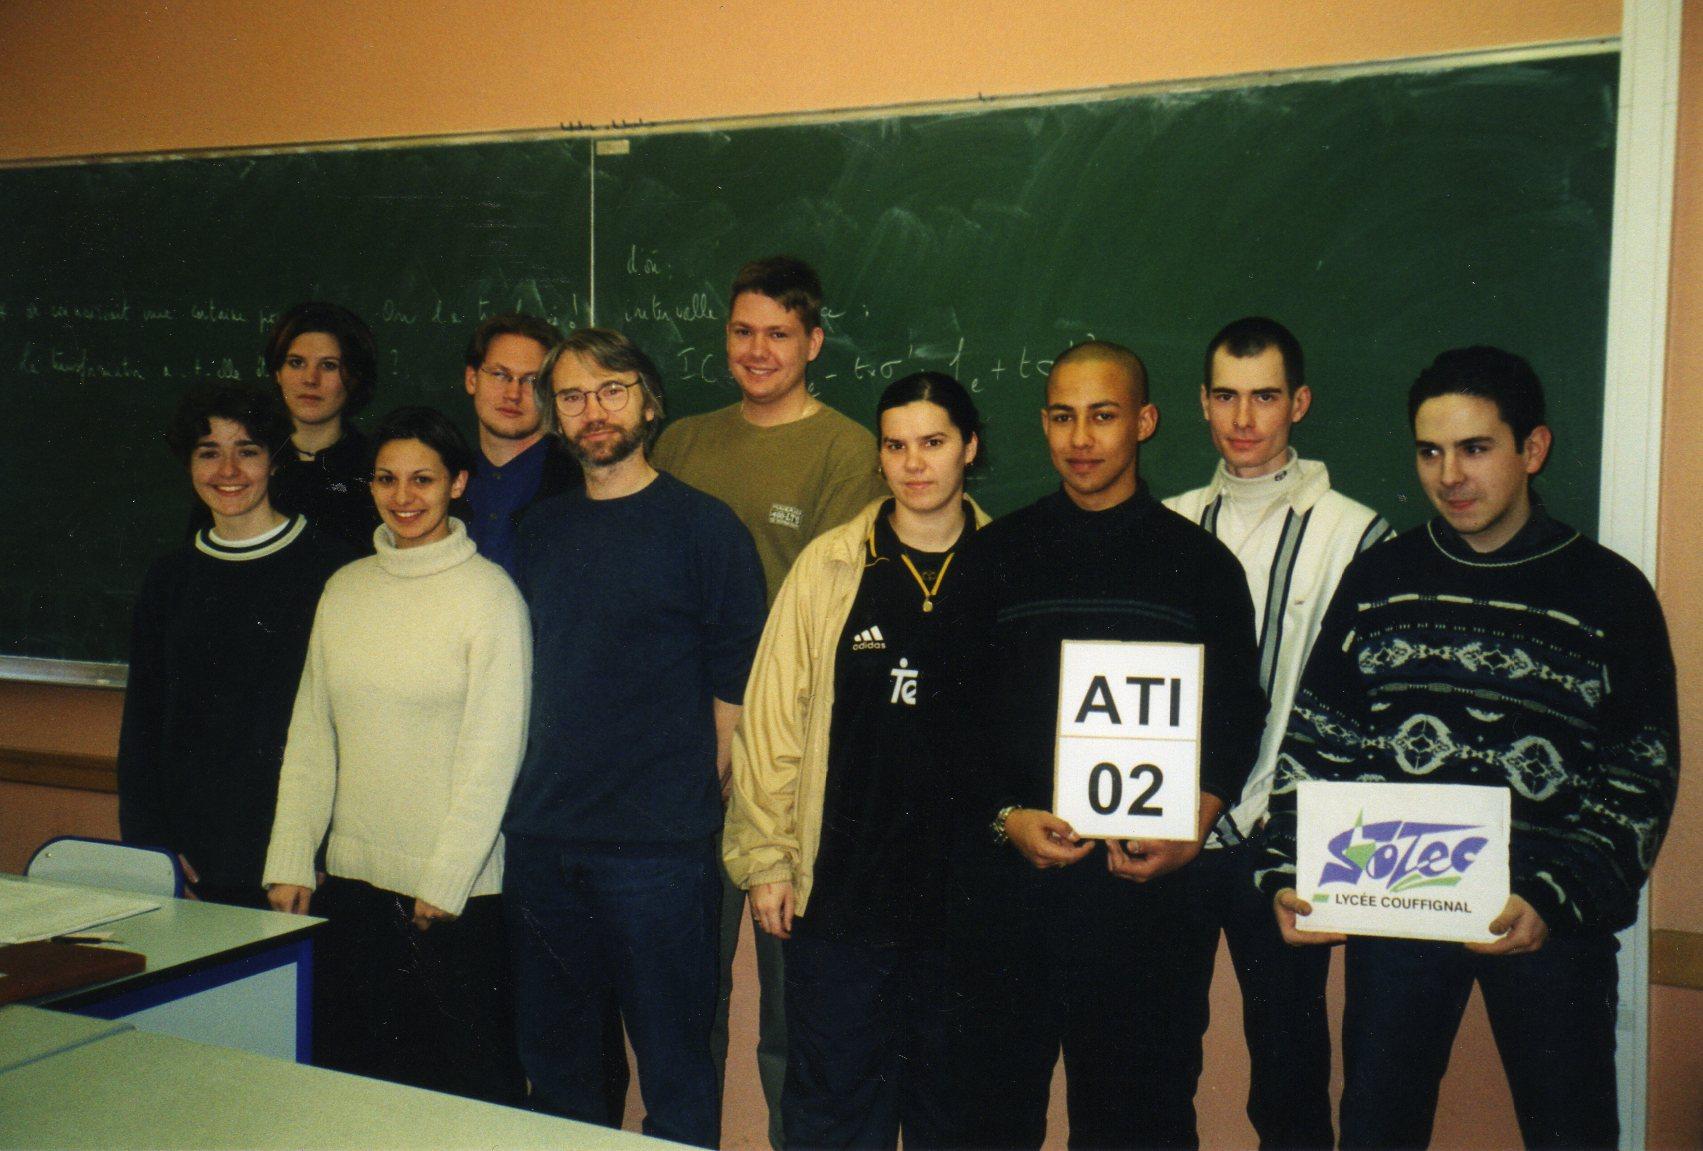 ATI00_.jpg